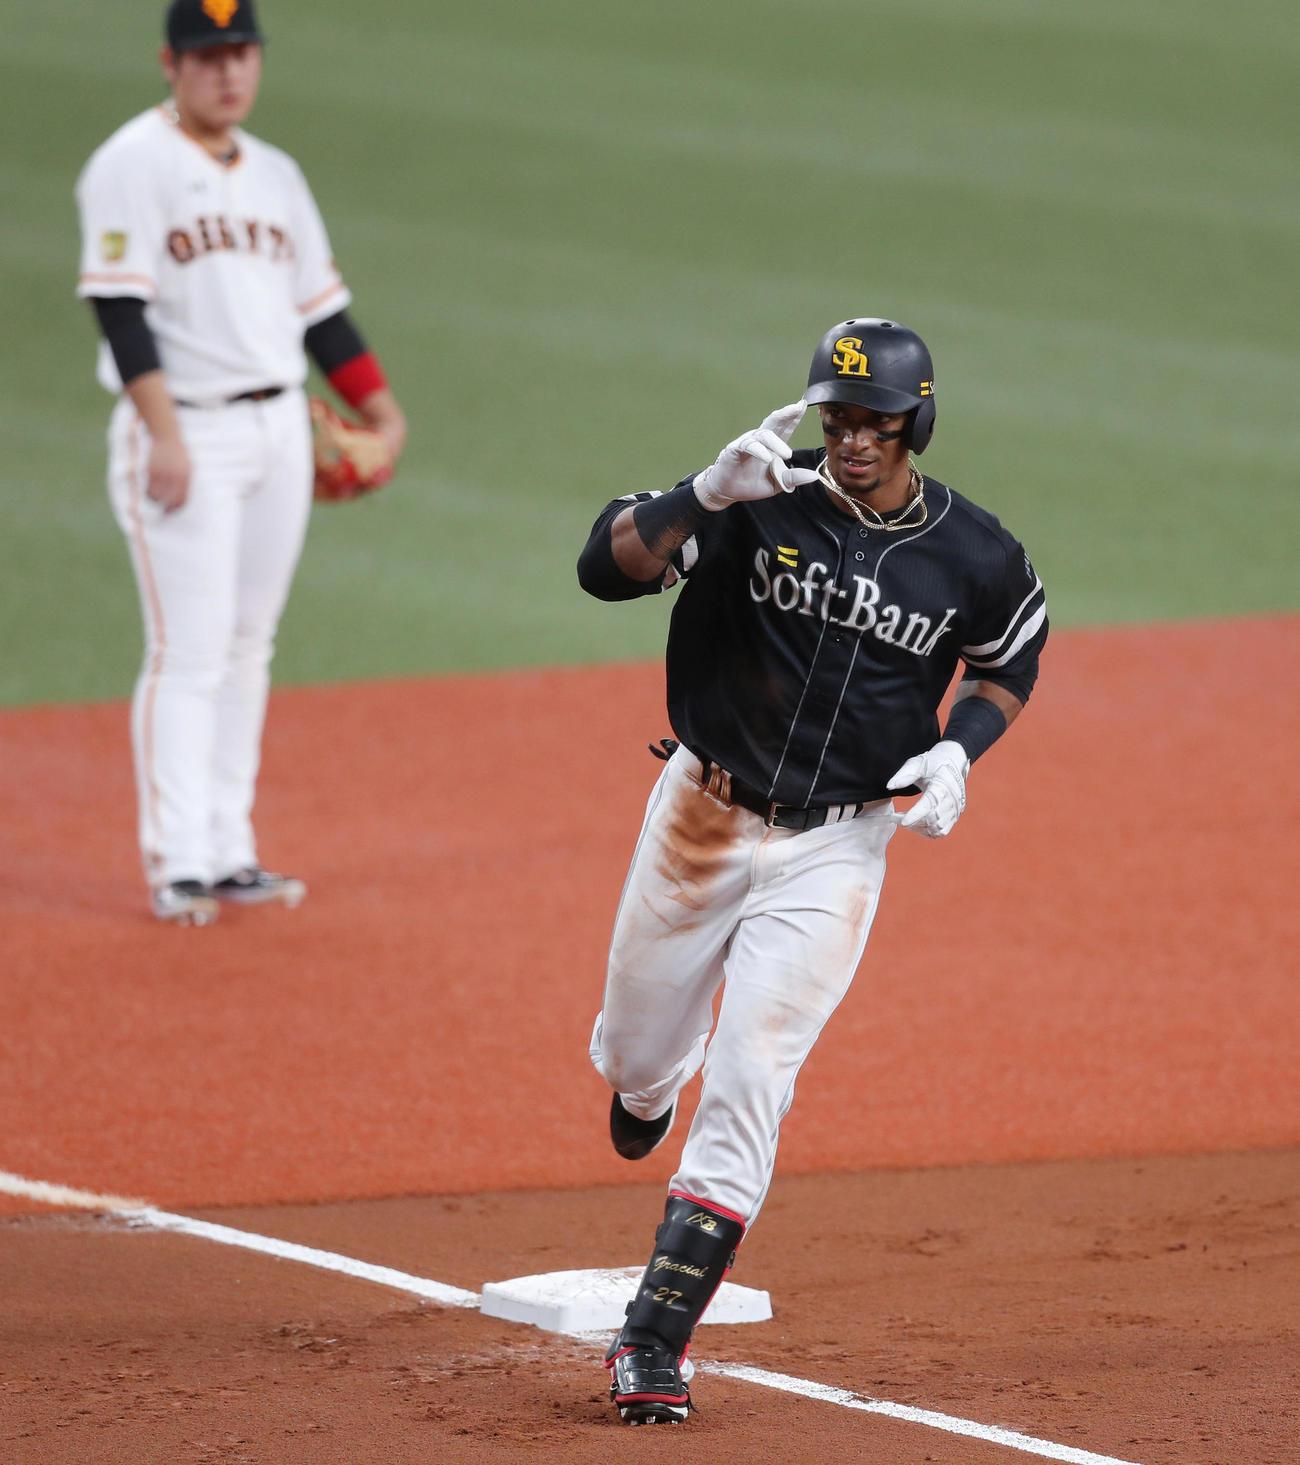 日本シリーズ2020第2戦 巨人対ソフトバンク 3回表ソフトバンク無死一塁、左中間へ2点本塁打を放ち、三塁をまわりポーズを決めるジュリスベル・グラシアル。後方は見つめる三塁手岡本和真(撮影・前田充)